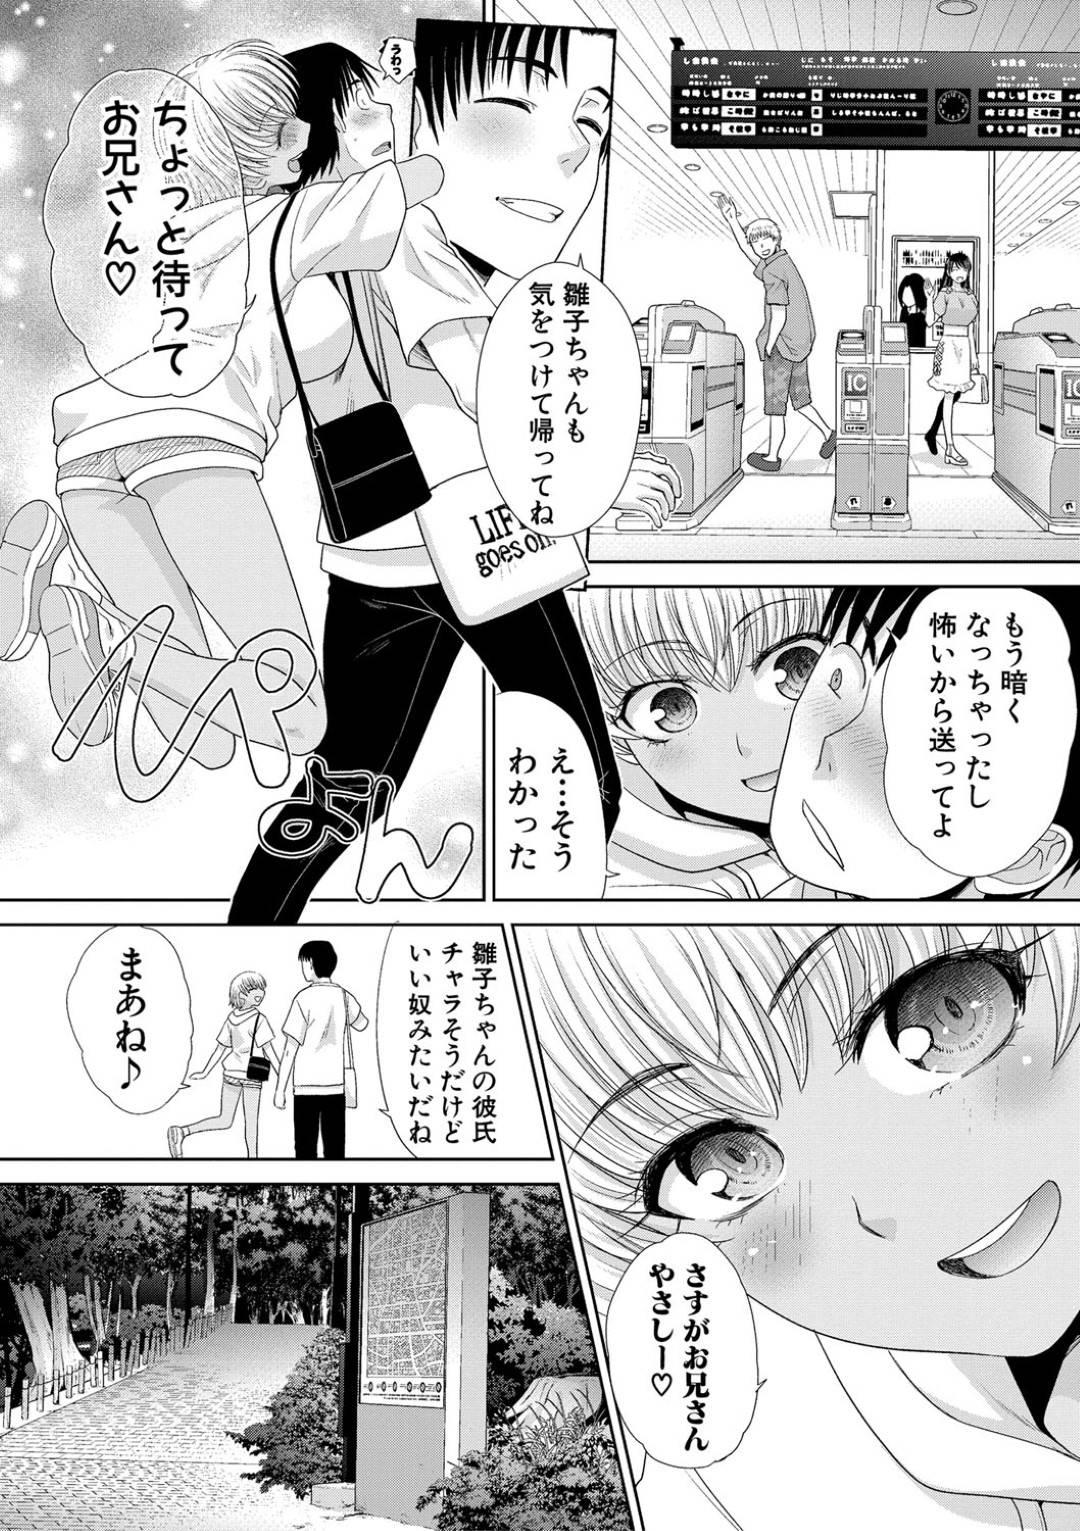 【エロ漫画】友達のお兄さんのチンポが忘れられなくなり誘惑する黒ギャルJK…偶然会ったお兄さんに発情してしまい青姦!【板場広し】